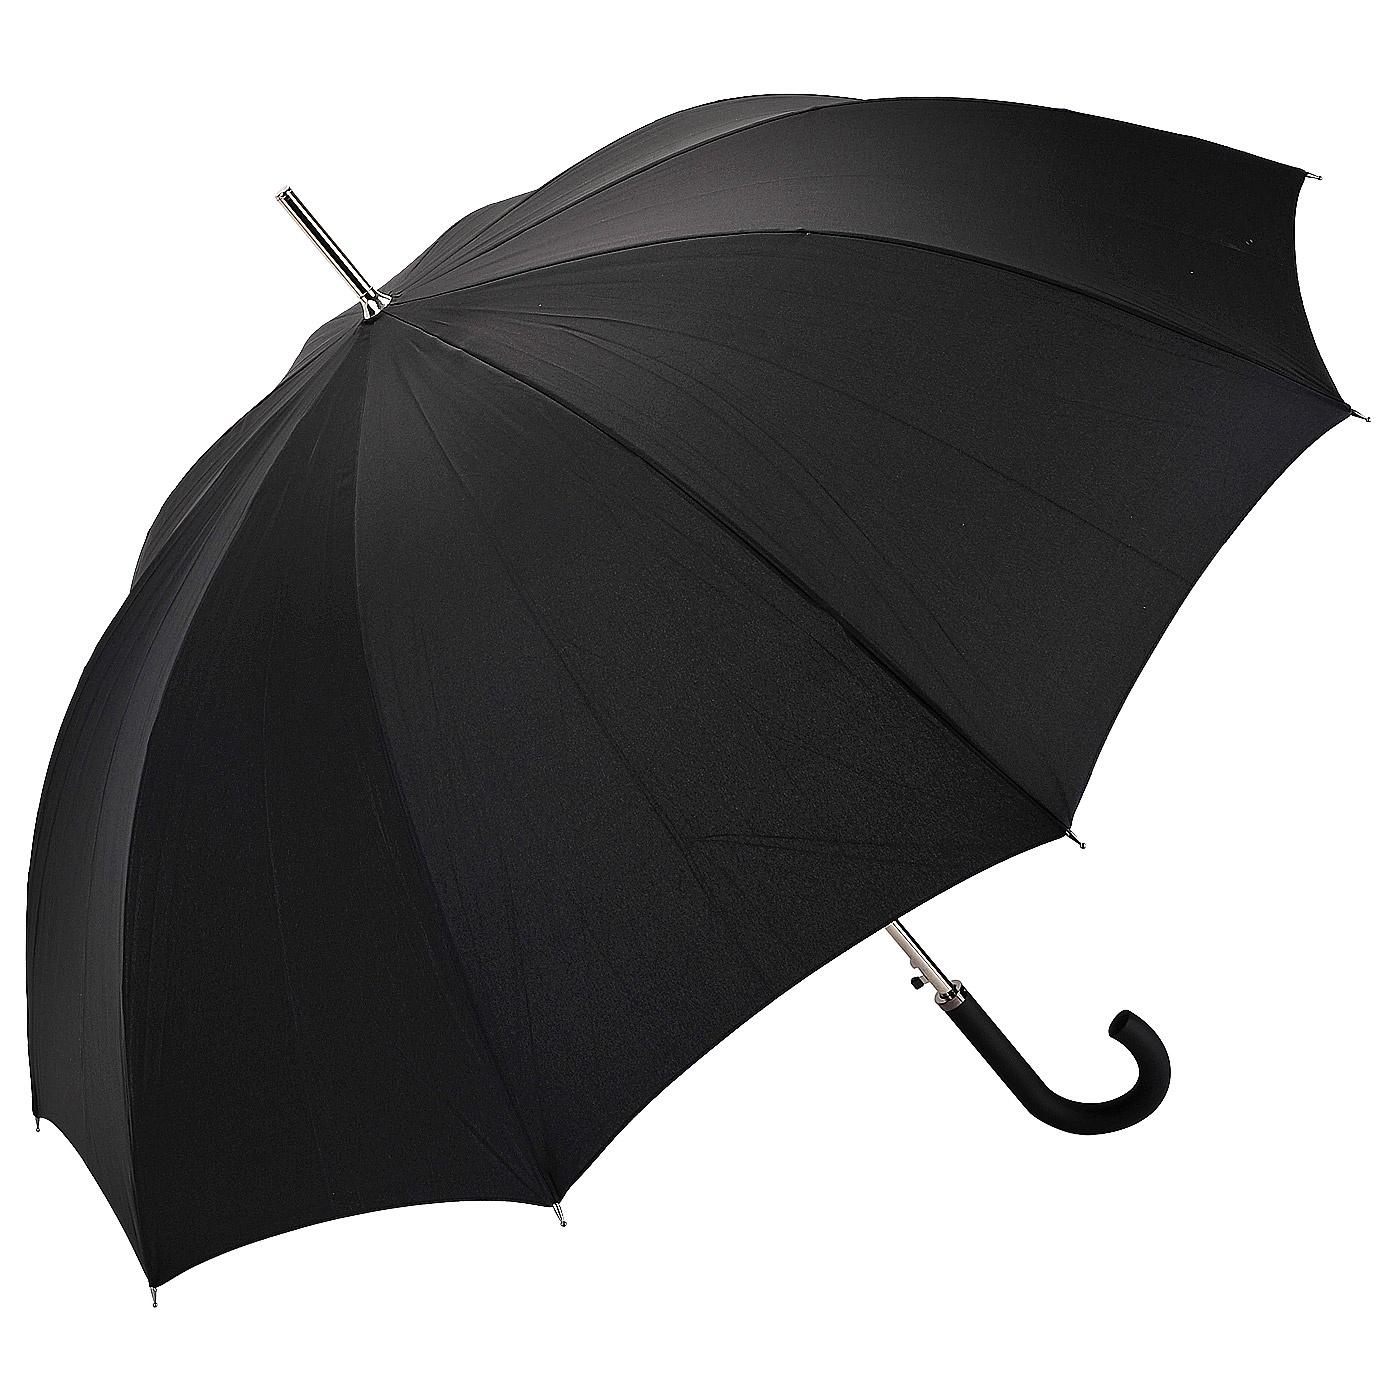 Зонт Doppler Carbonsteel Lang, черный зонт трость женский doppler цвет красный 714765l